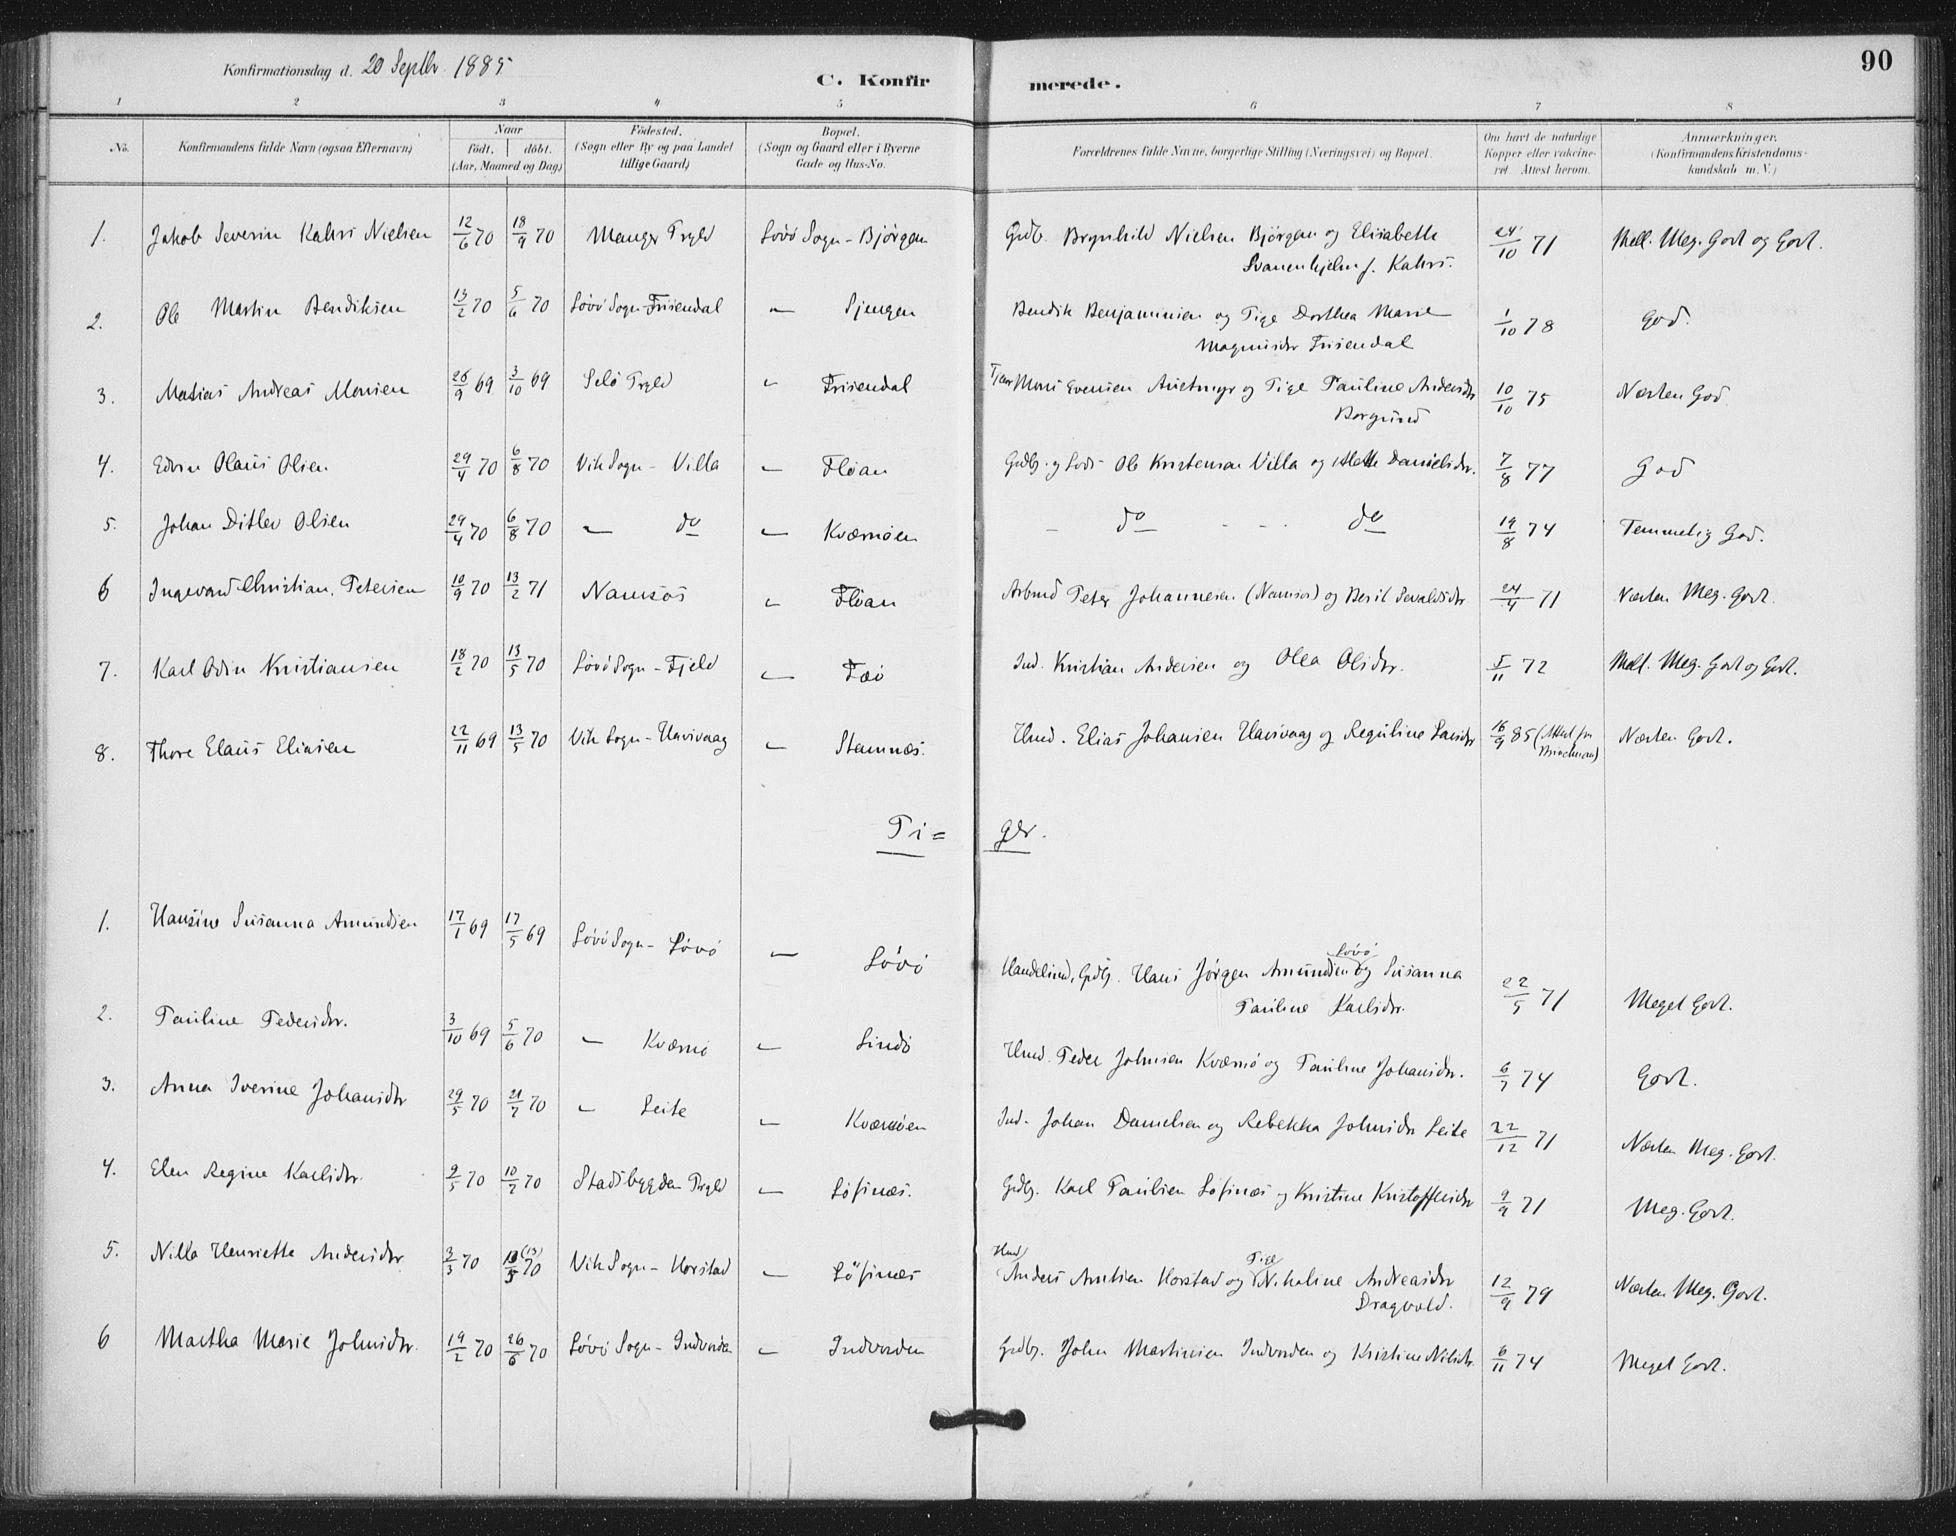 SAT, Ministerialprotokoller, klokkerbøker og fødselsregistre - Nord-Trøndelag, 772/L0603: Ministerialbok nr. 772A01, 1885-1912, s. 90